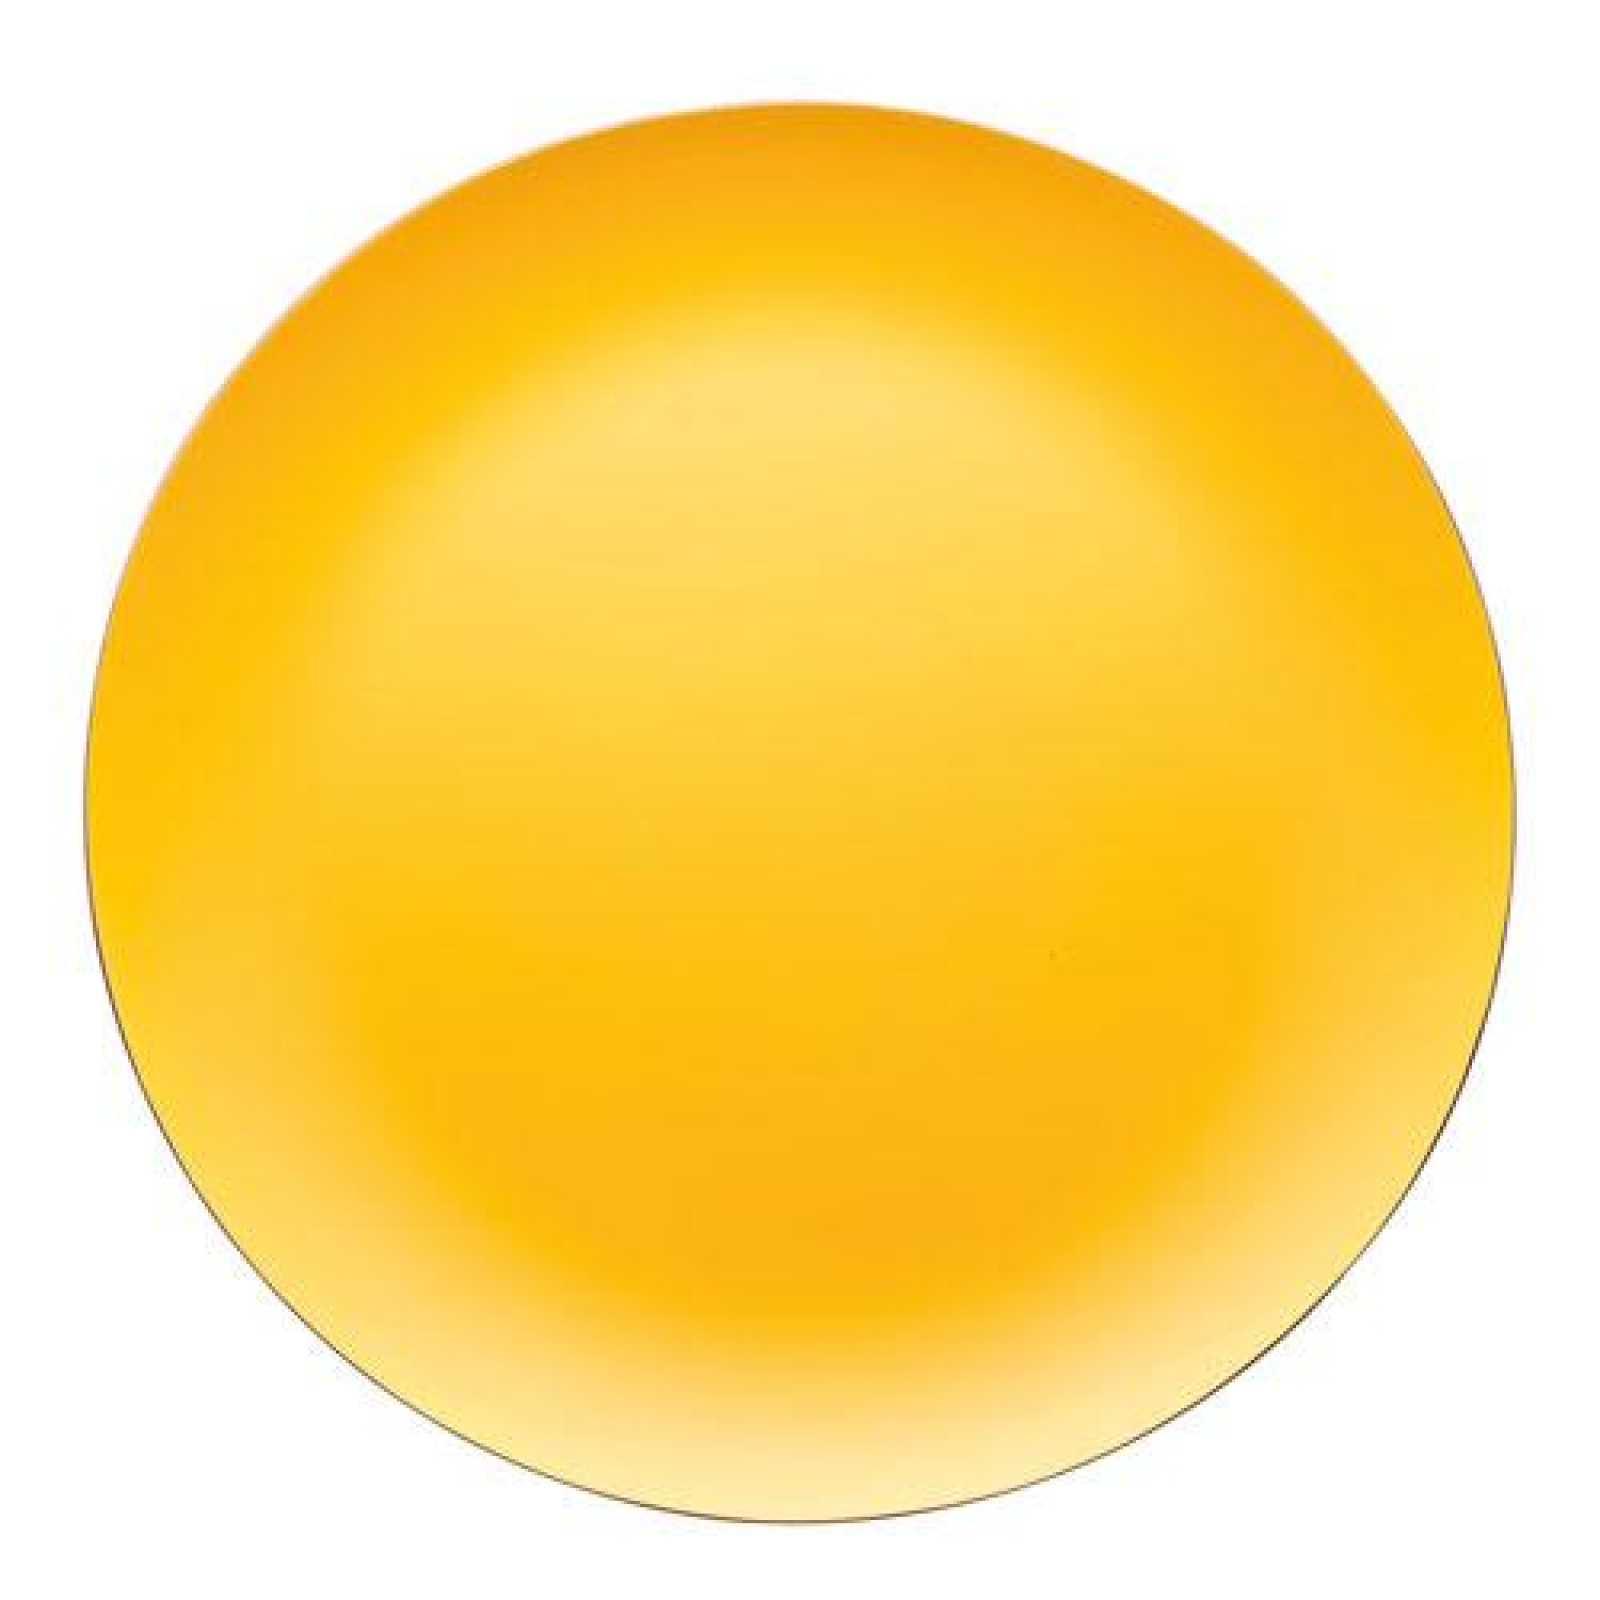 Онлайн каталог PROMENU: Поднос деревянный Rosenthal SUNNY DAY, диаметр 41 см, желтый Rosenthal 69763-408502-05642